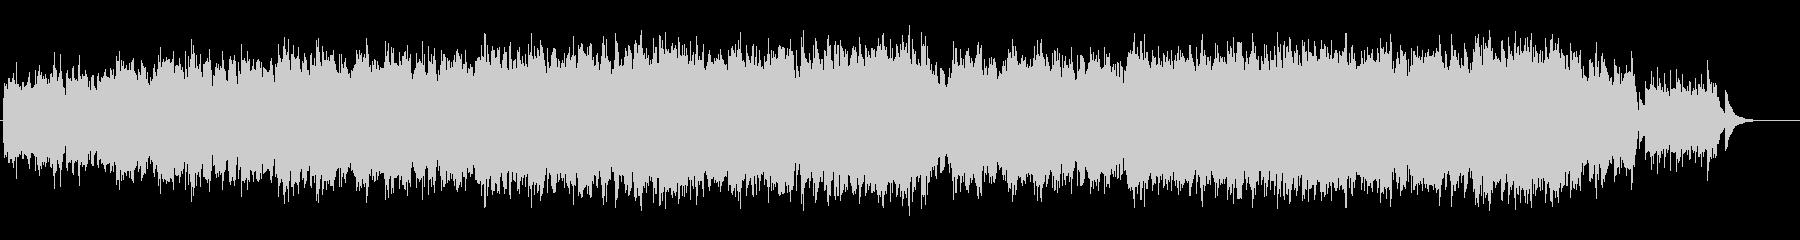 ウェディング風バラード(フルサイズ)の未再生の波形